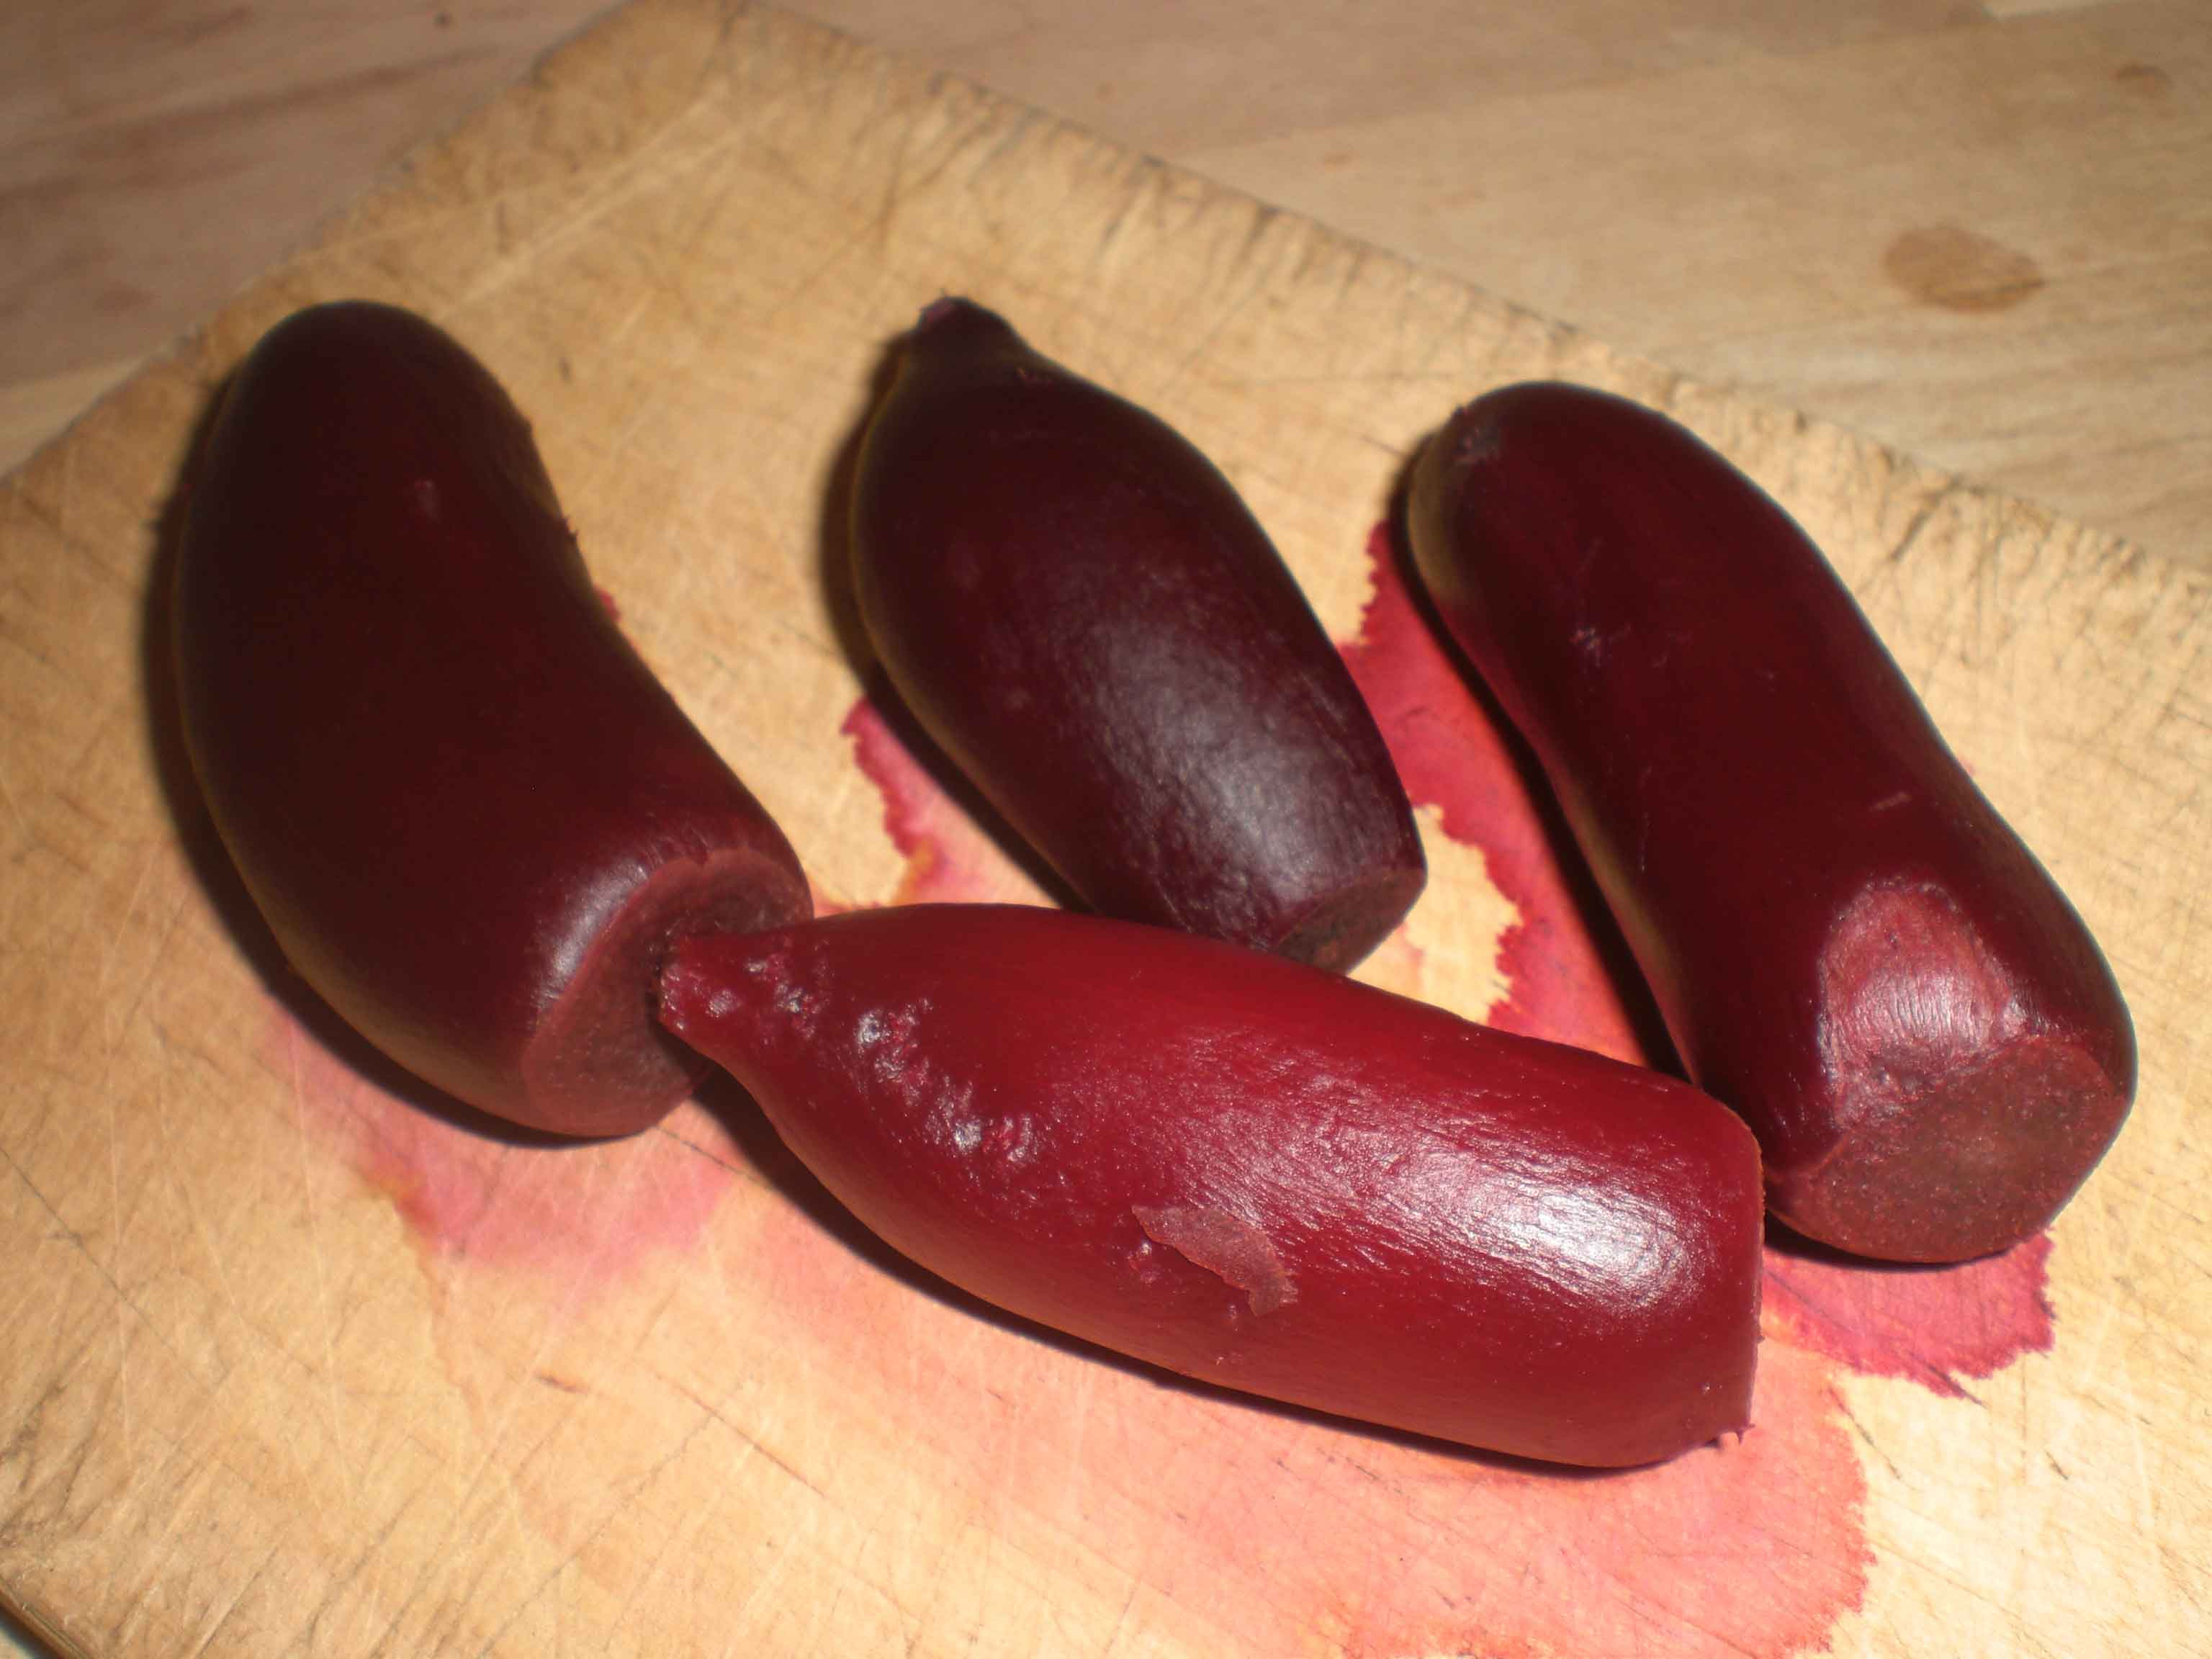 Gnid skindet af de kogte rødbeder.